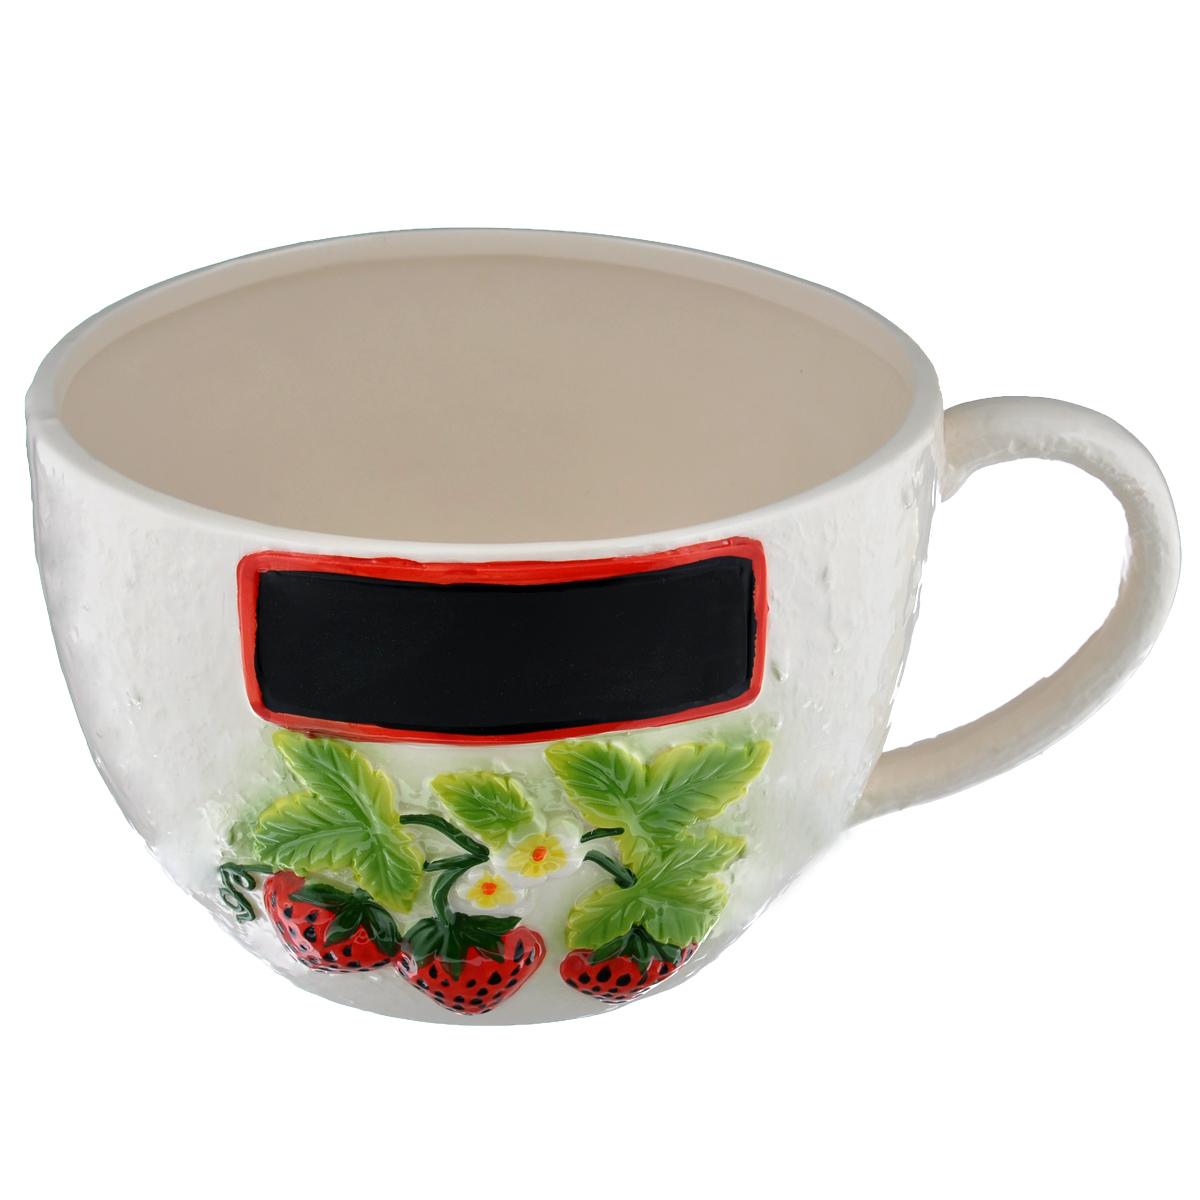 Кашпо House & Holder Чашка, цвет: молочный, диаметр 19 смDSF10A003H-1Кашпо-горшок для цветов House & Holder Чашка изготовлено из фарфора, покрытого глазурью, и оформлено рельефным изображением ягод клубники. Изделие выполнено в виде чашки и предназначено для цветов и небольших деревьев. На кашпо имеется место для надписи. Такие изделия часто становятся последним штрихом, который совершенно изменяет интерьер помещения или ландшафтный дизайн сада. Благодаря такому кашпо вы сможете украсить вашу комнату, офис, сад и другие места. Диаметр кашпо (по верхнему краю): 19 см. Высота кашпо: 13,5 см. Объем: 2,5 л.